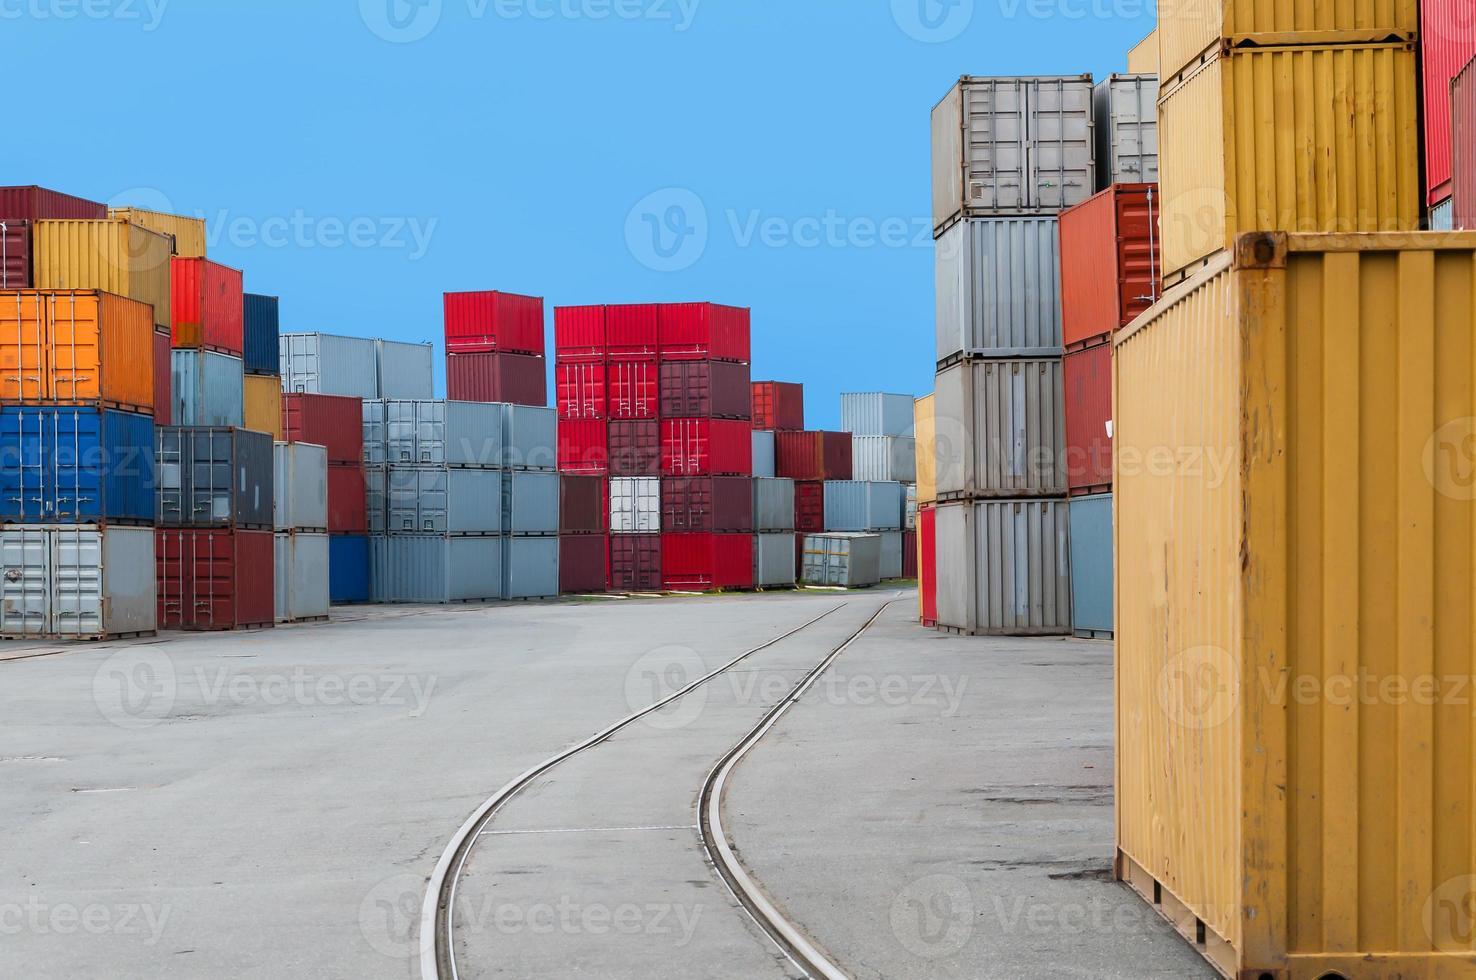 conteneur dans un port avec rails photo